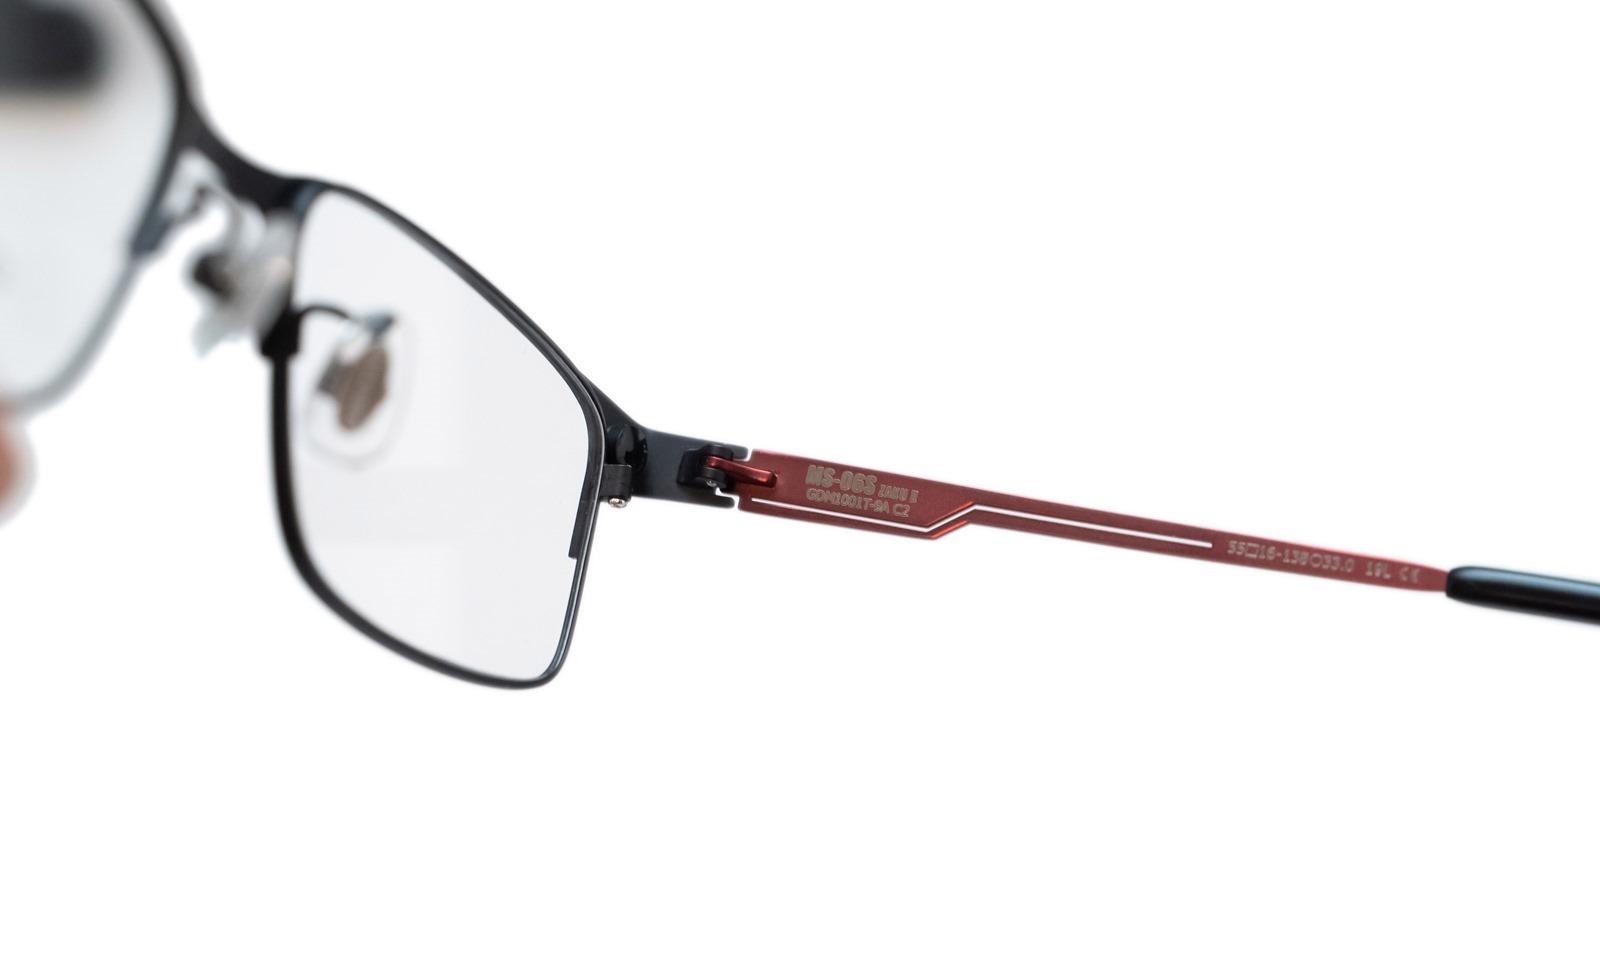 鋼彈 x OWNDAYS  限量造型鏡框入手分享!(RX-78-2 / 夏亞專用 ZAKU-II 兩款)@3C 達人廖阿輝